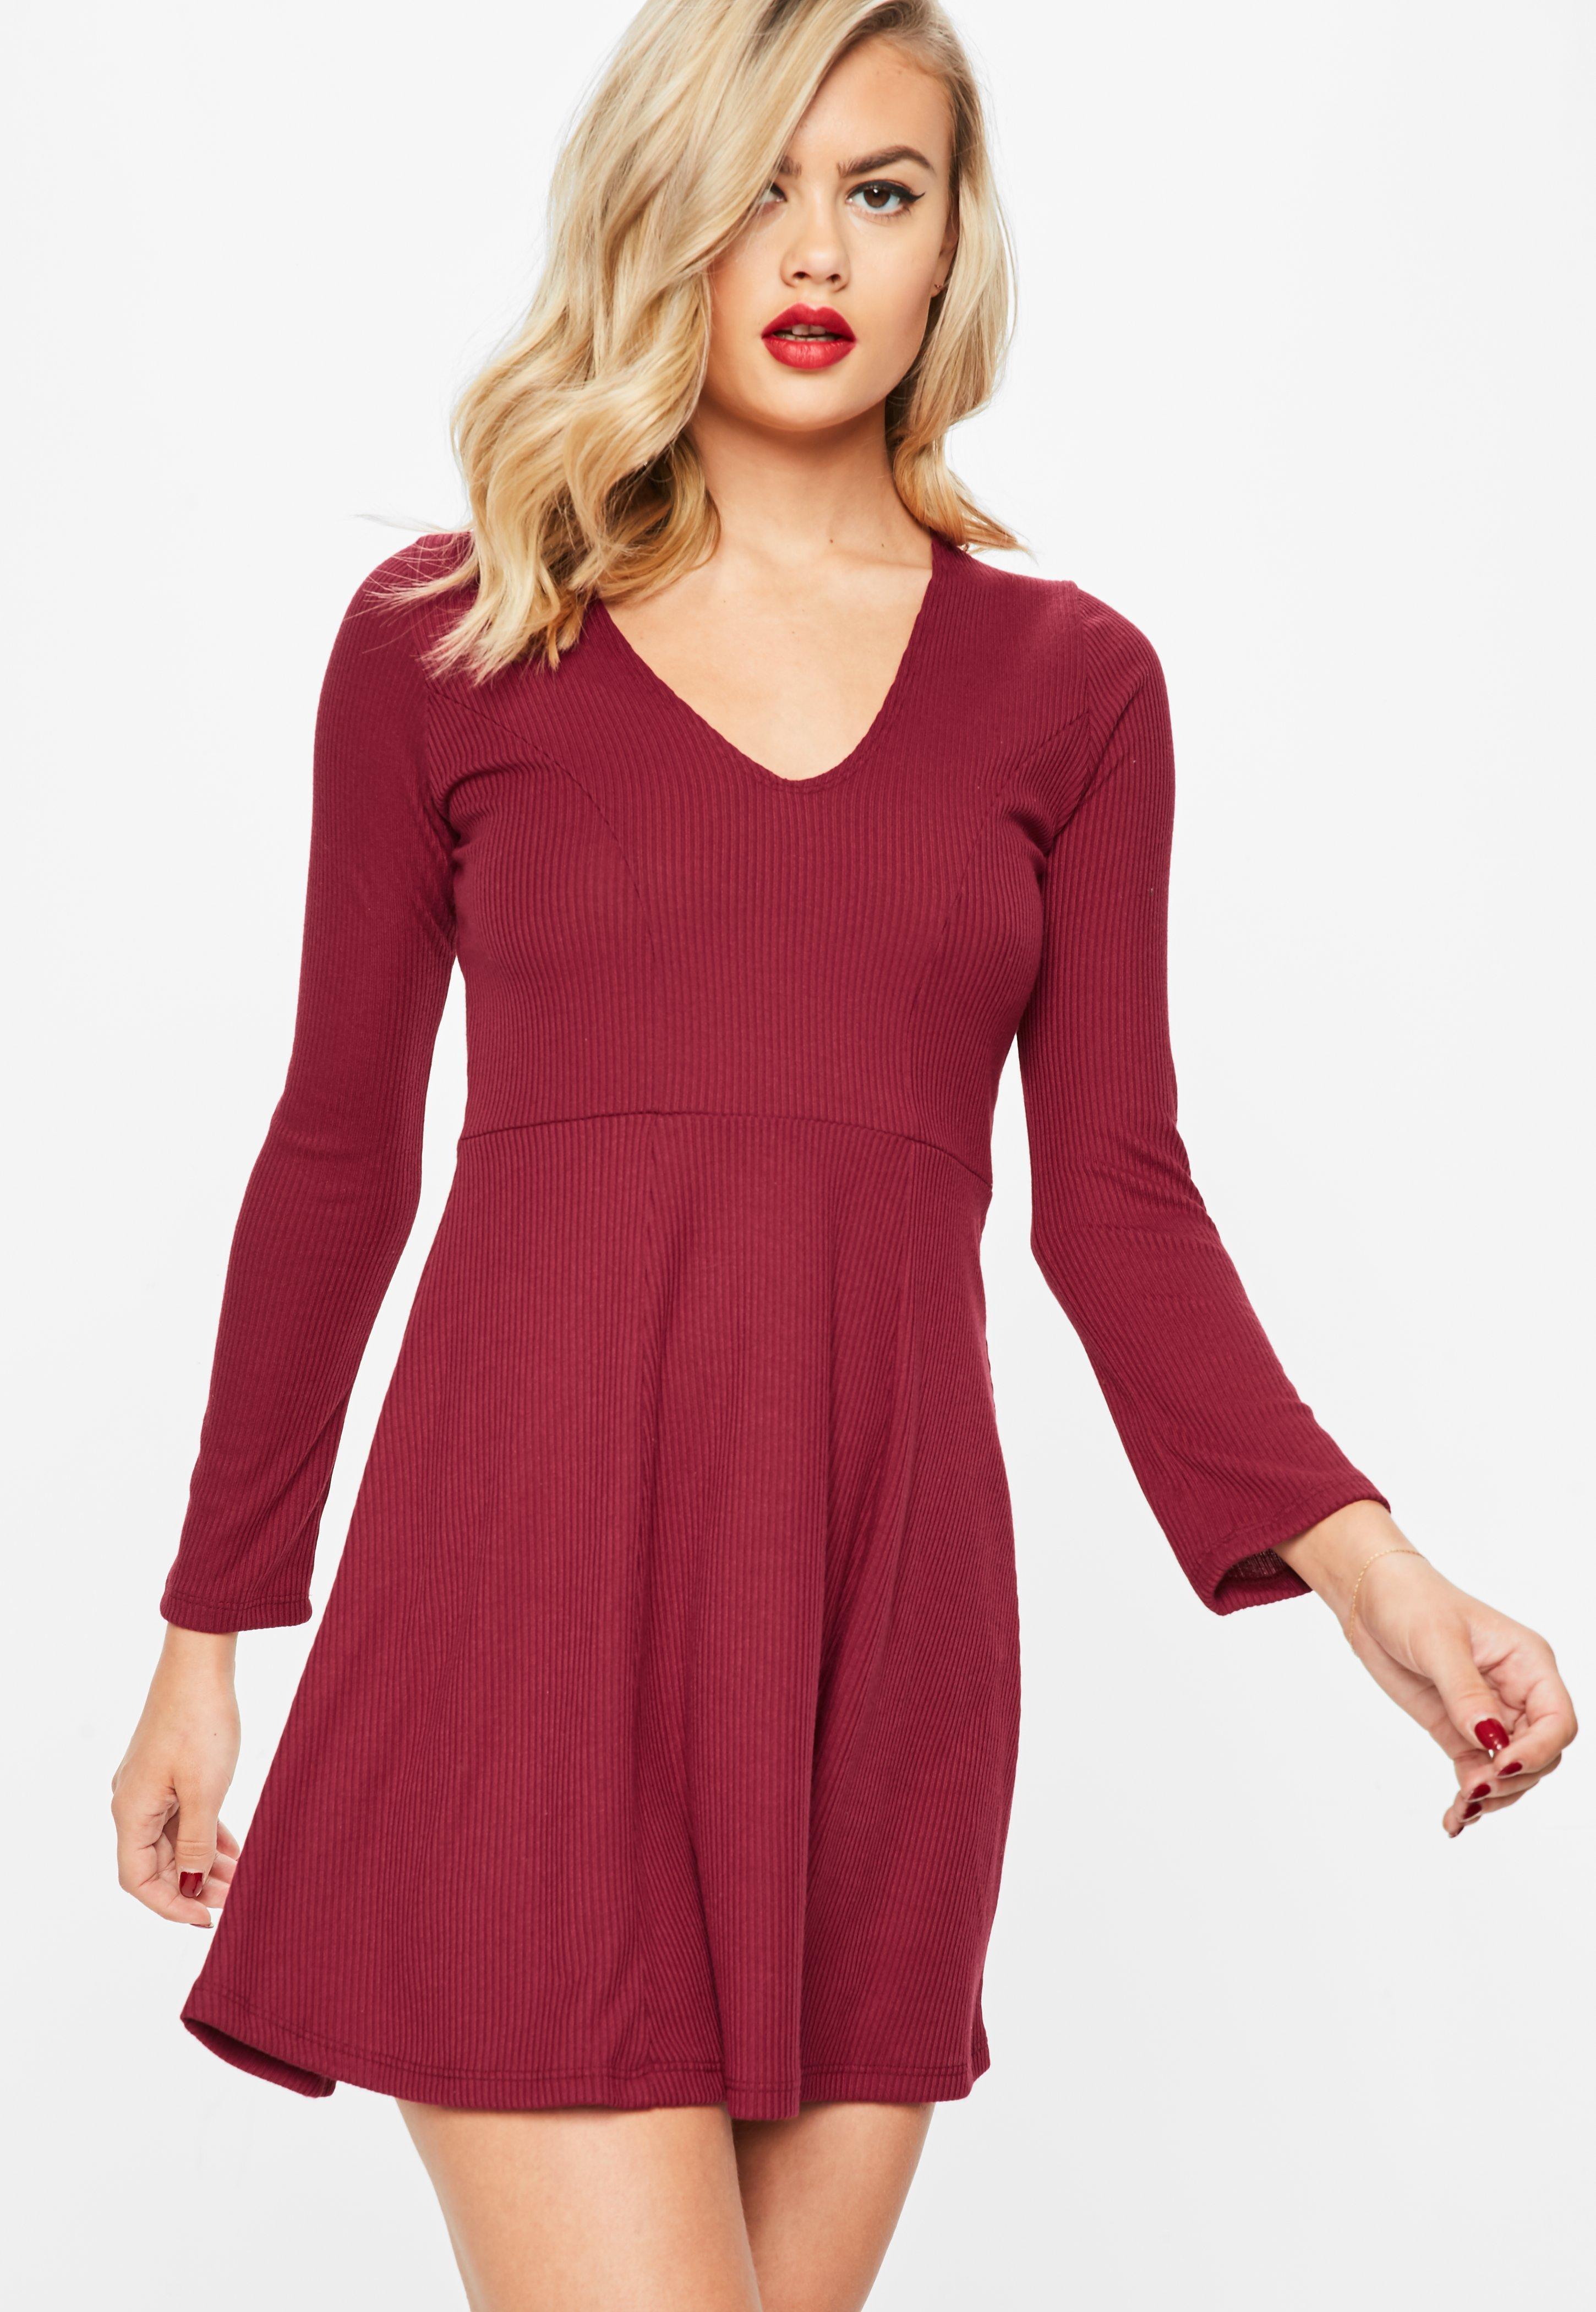 Long sleeve skater dress burgundy